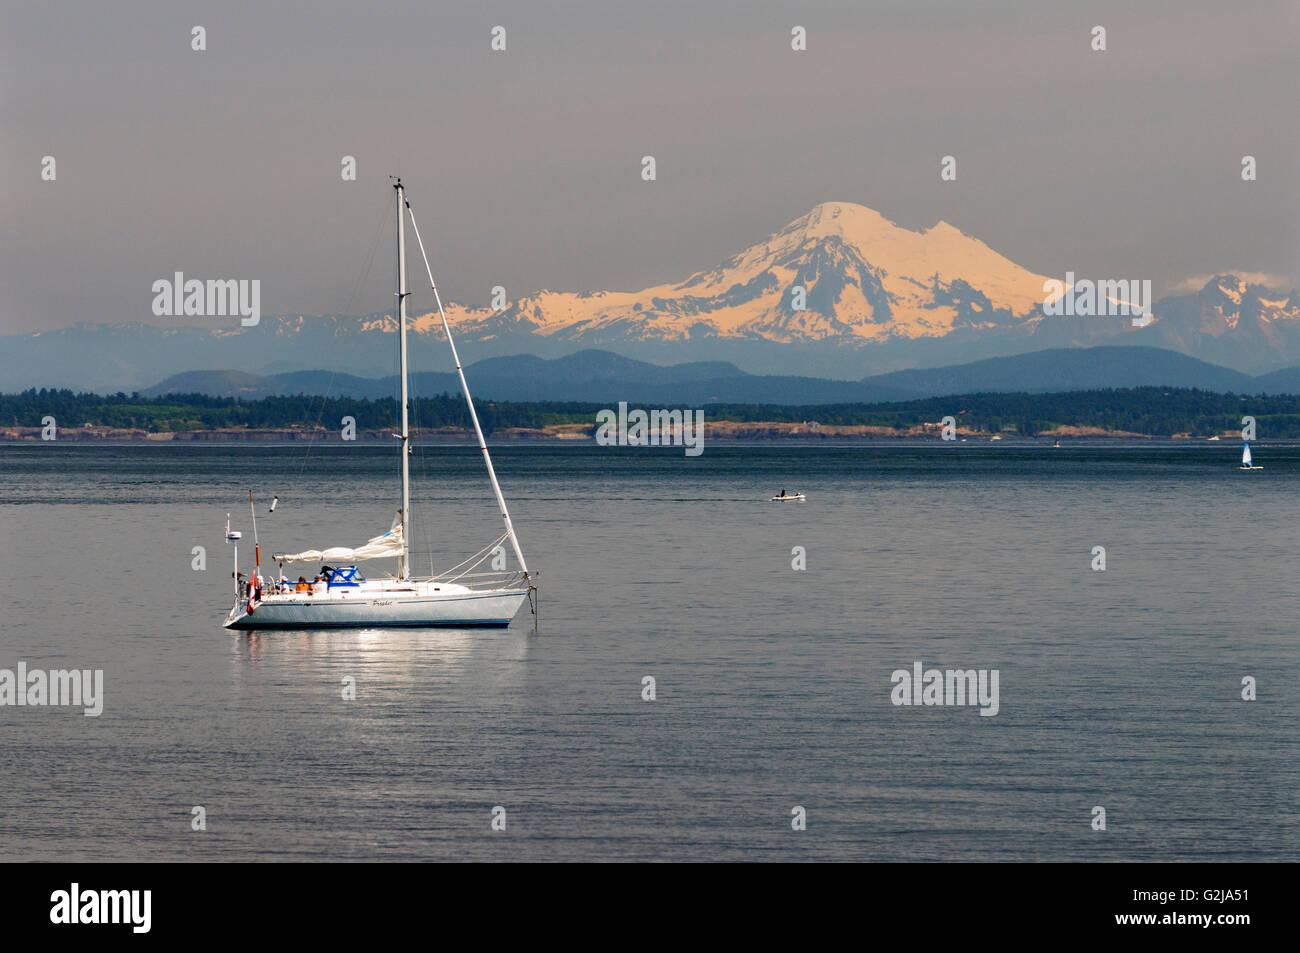 Un velero off sauces Beach en Oak Bay en Victoria, British Columbia. En el fondo es el Mt. Baker en el estado de Washington, EE.UU.. Foto de stock